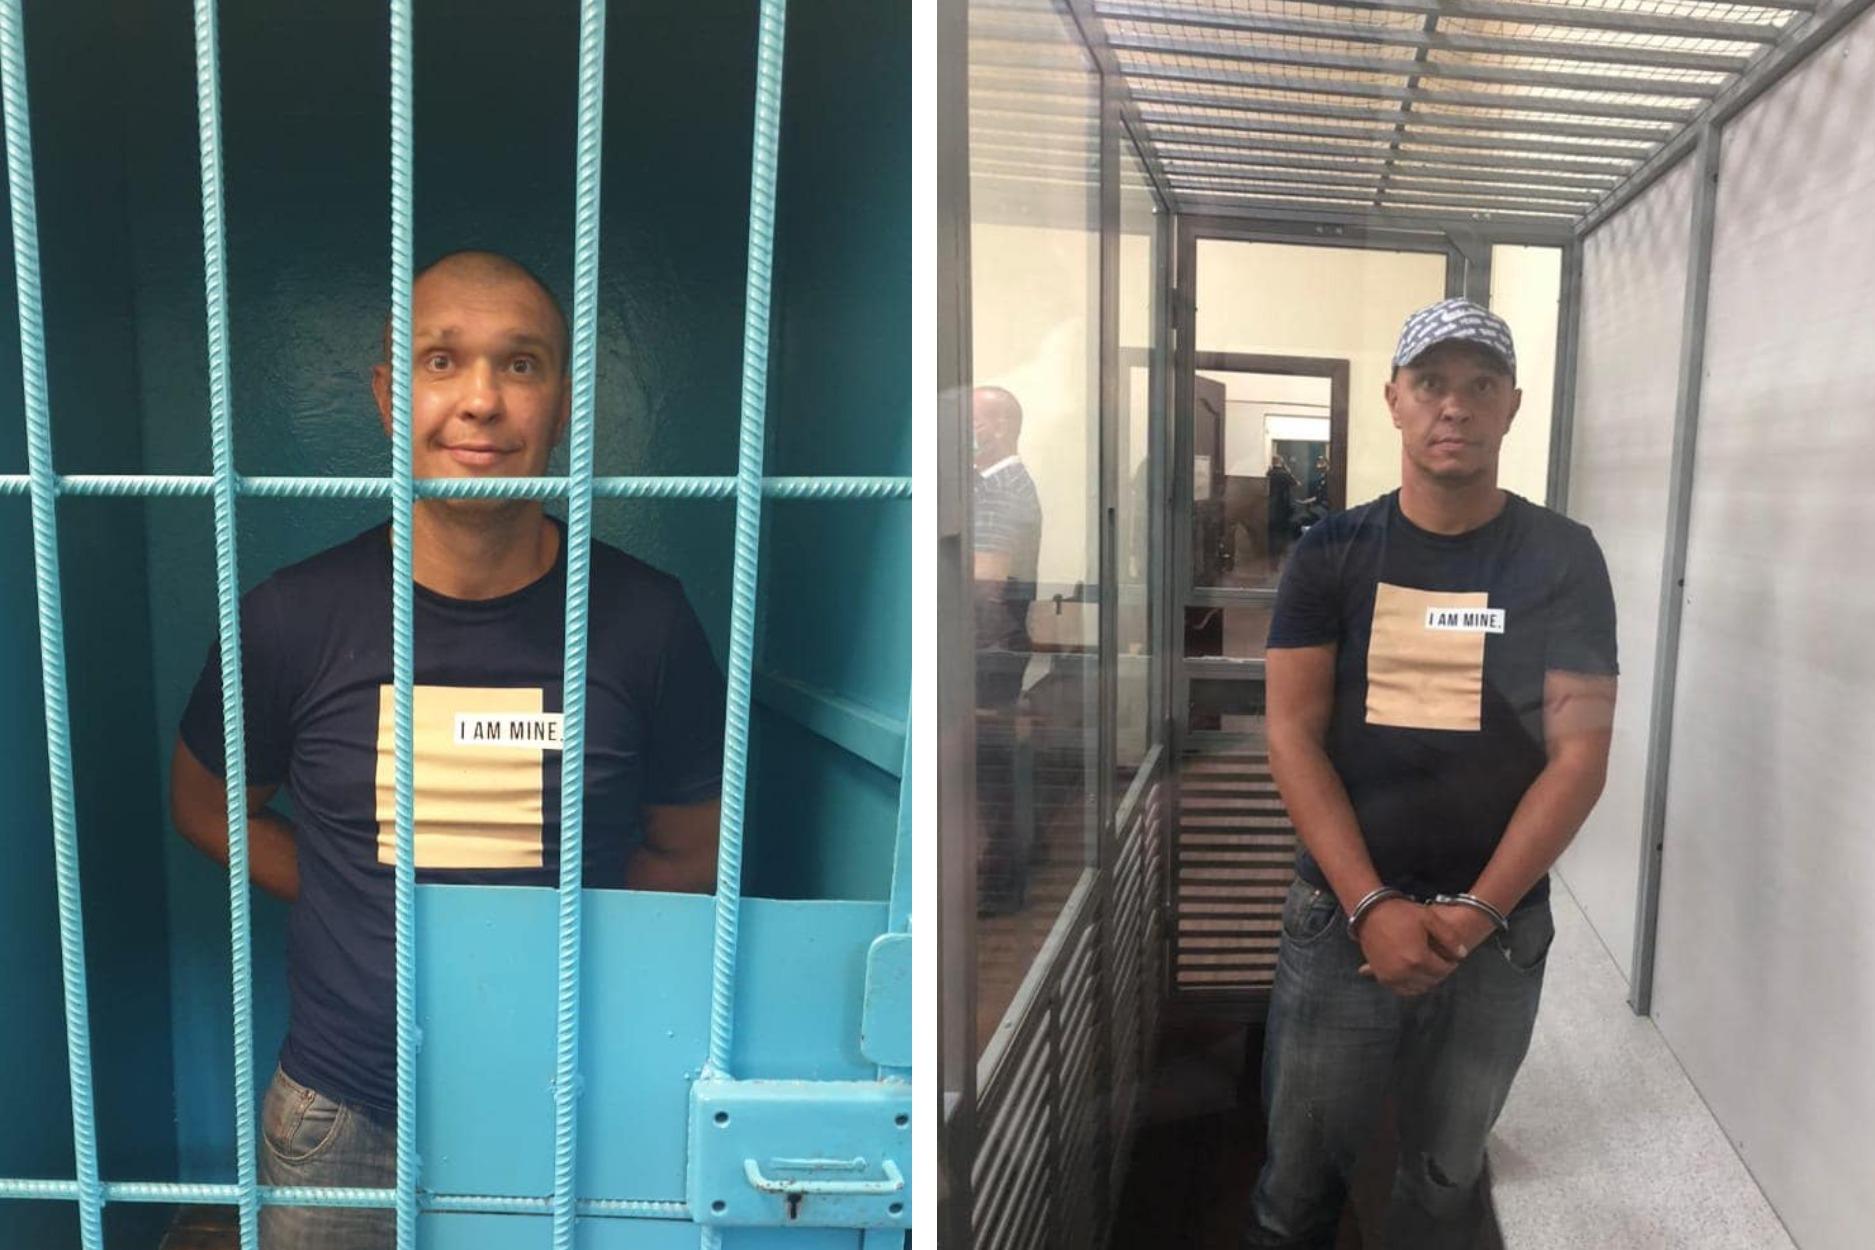 Подозреваемый в избиении и попытке изнасилования Анастасии Луговой отправлен на два месяца за решетку без права выхода под залог